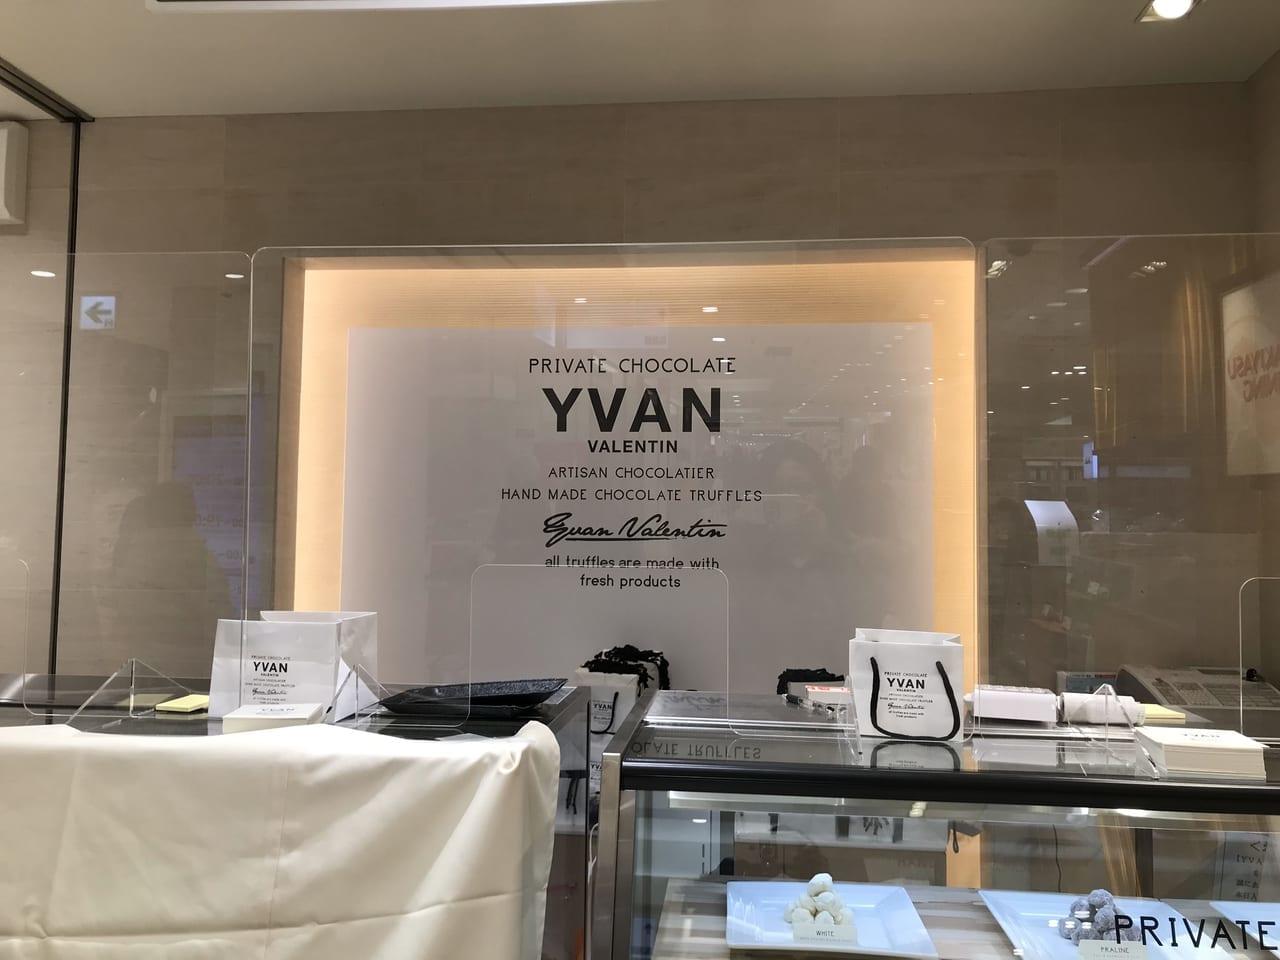 世田谷区玉川高島屋YVAN VALENTIN イヴァン・ヴァレンティン特設会場2021年バレンタインデー